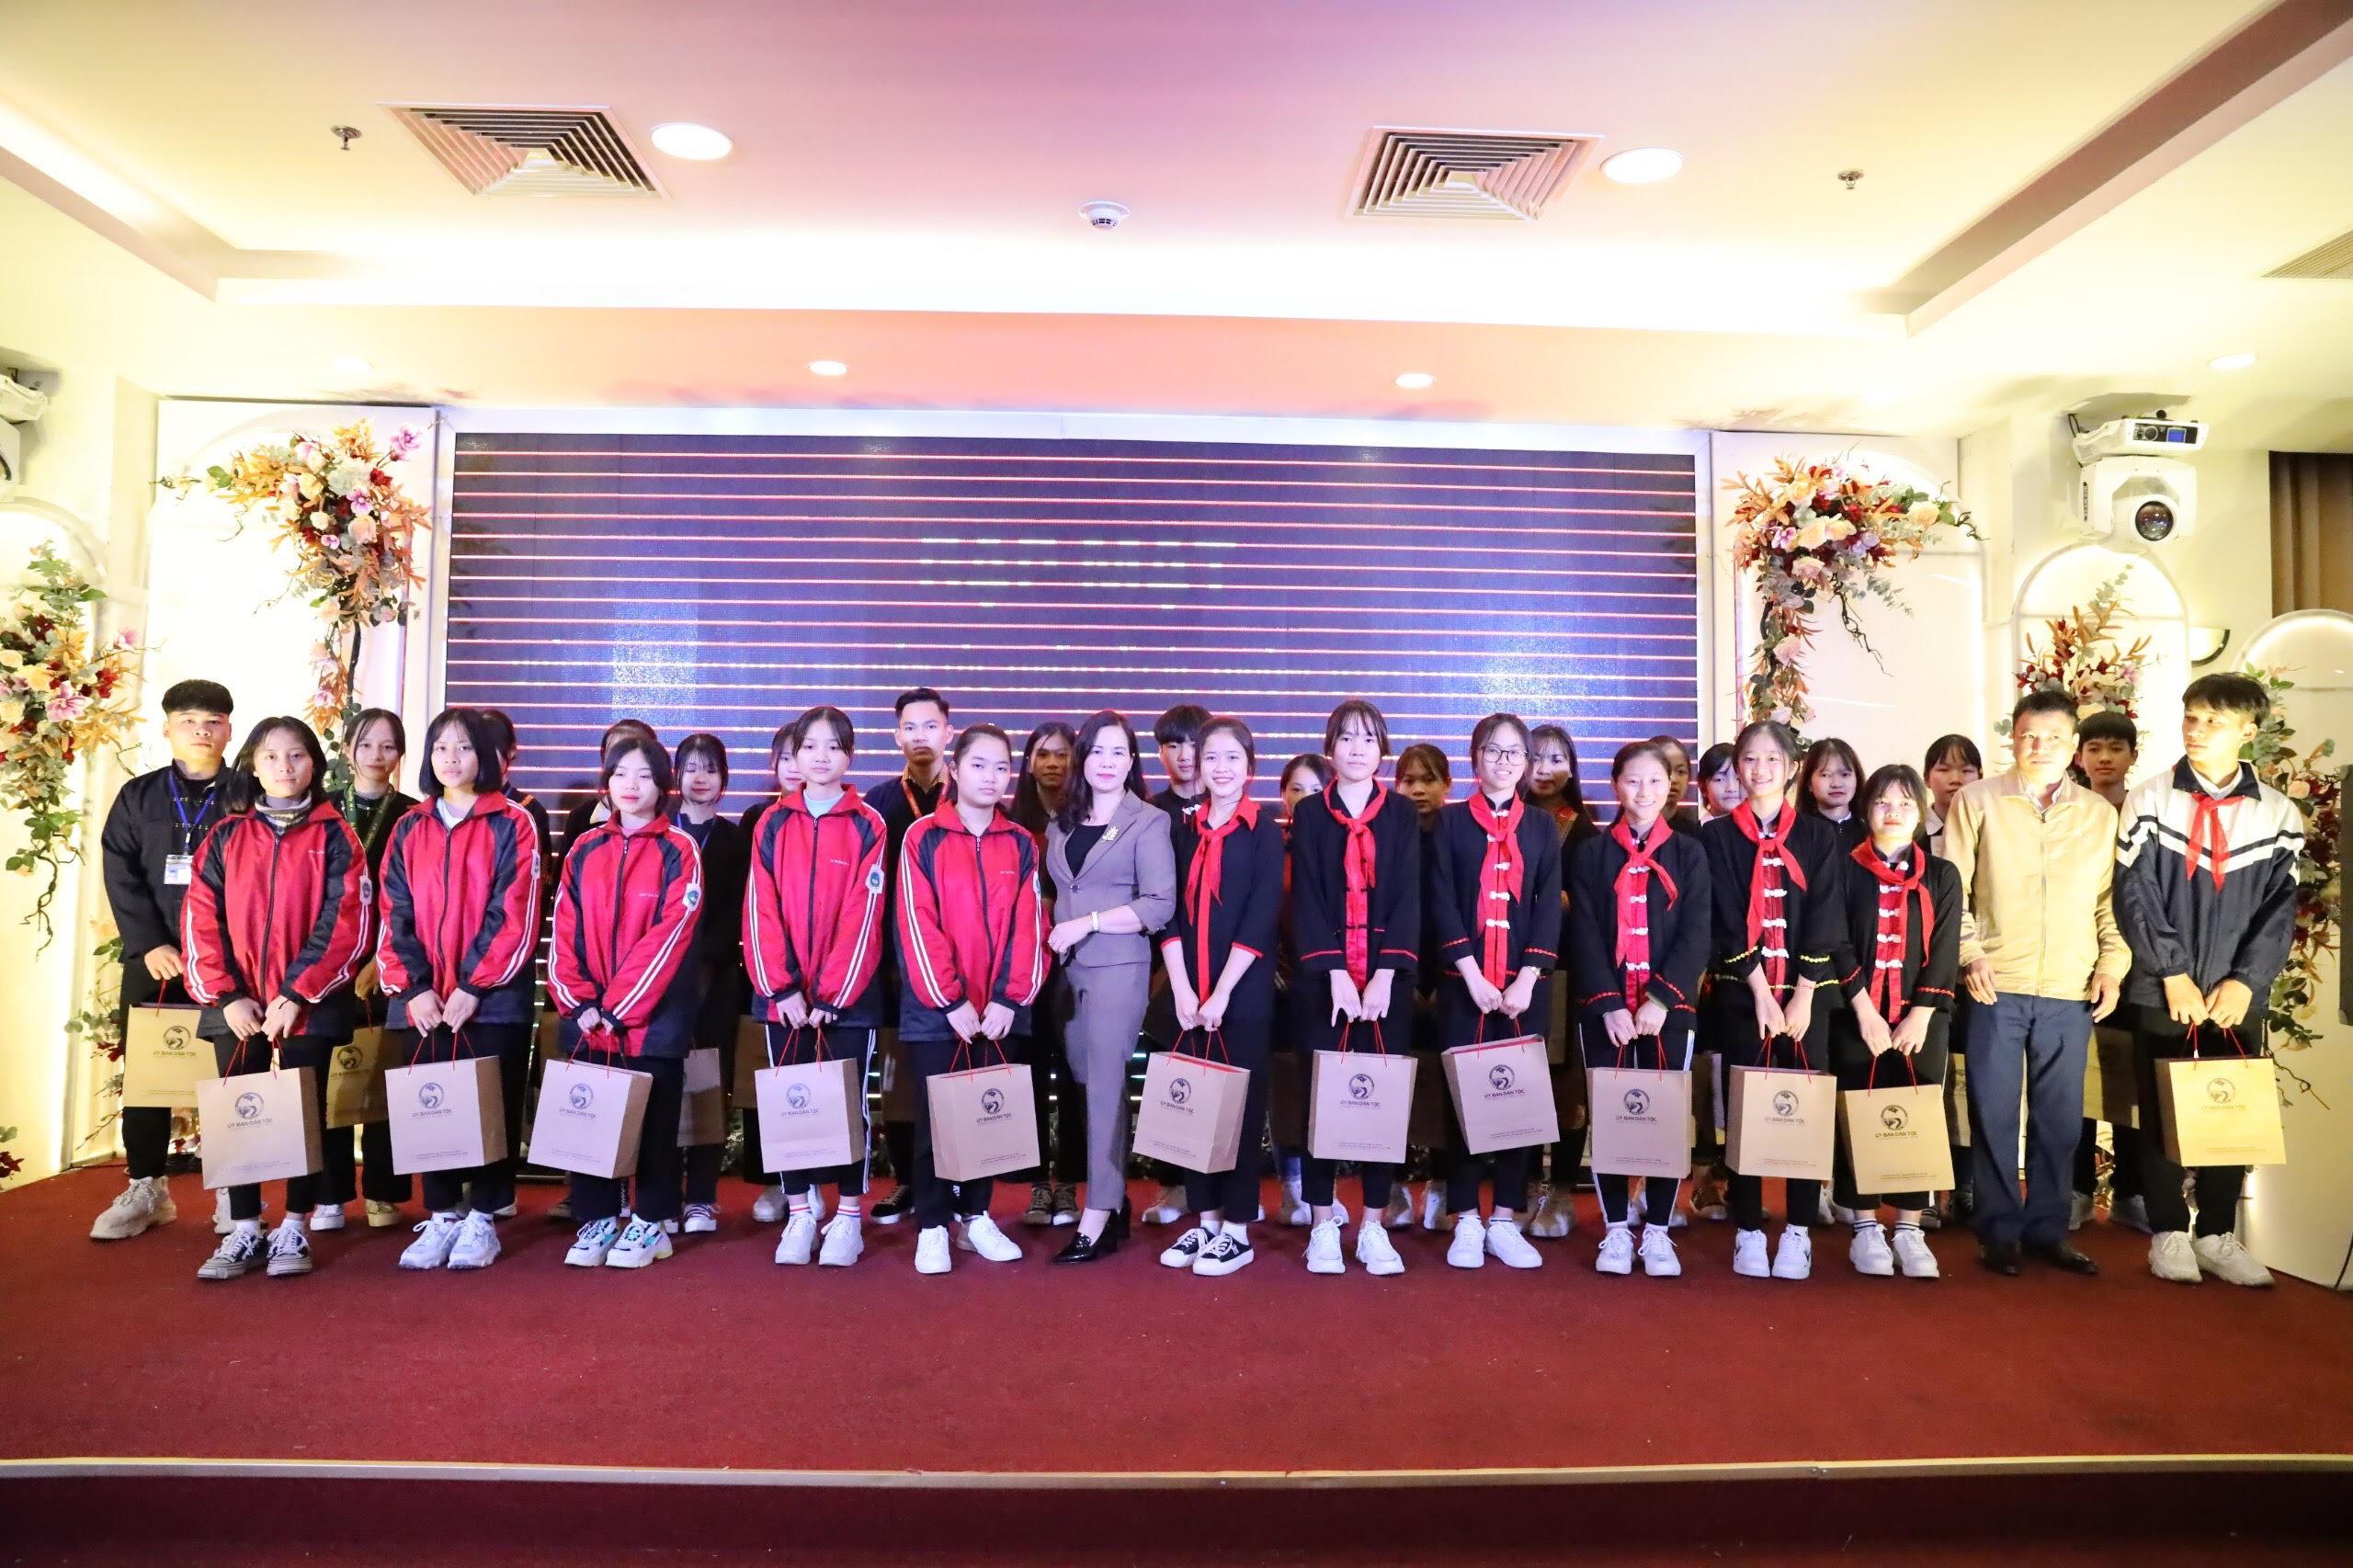 Bà Lương Thị Việt Yến, Phó Vụ trưởng Vụ DTTS tặng quà của UBDT cho các em học sinh